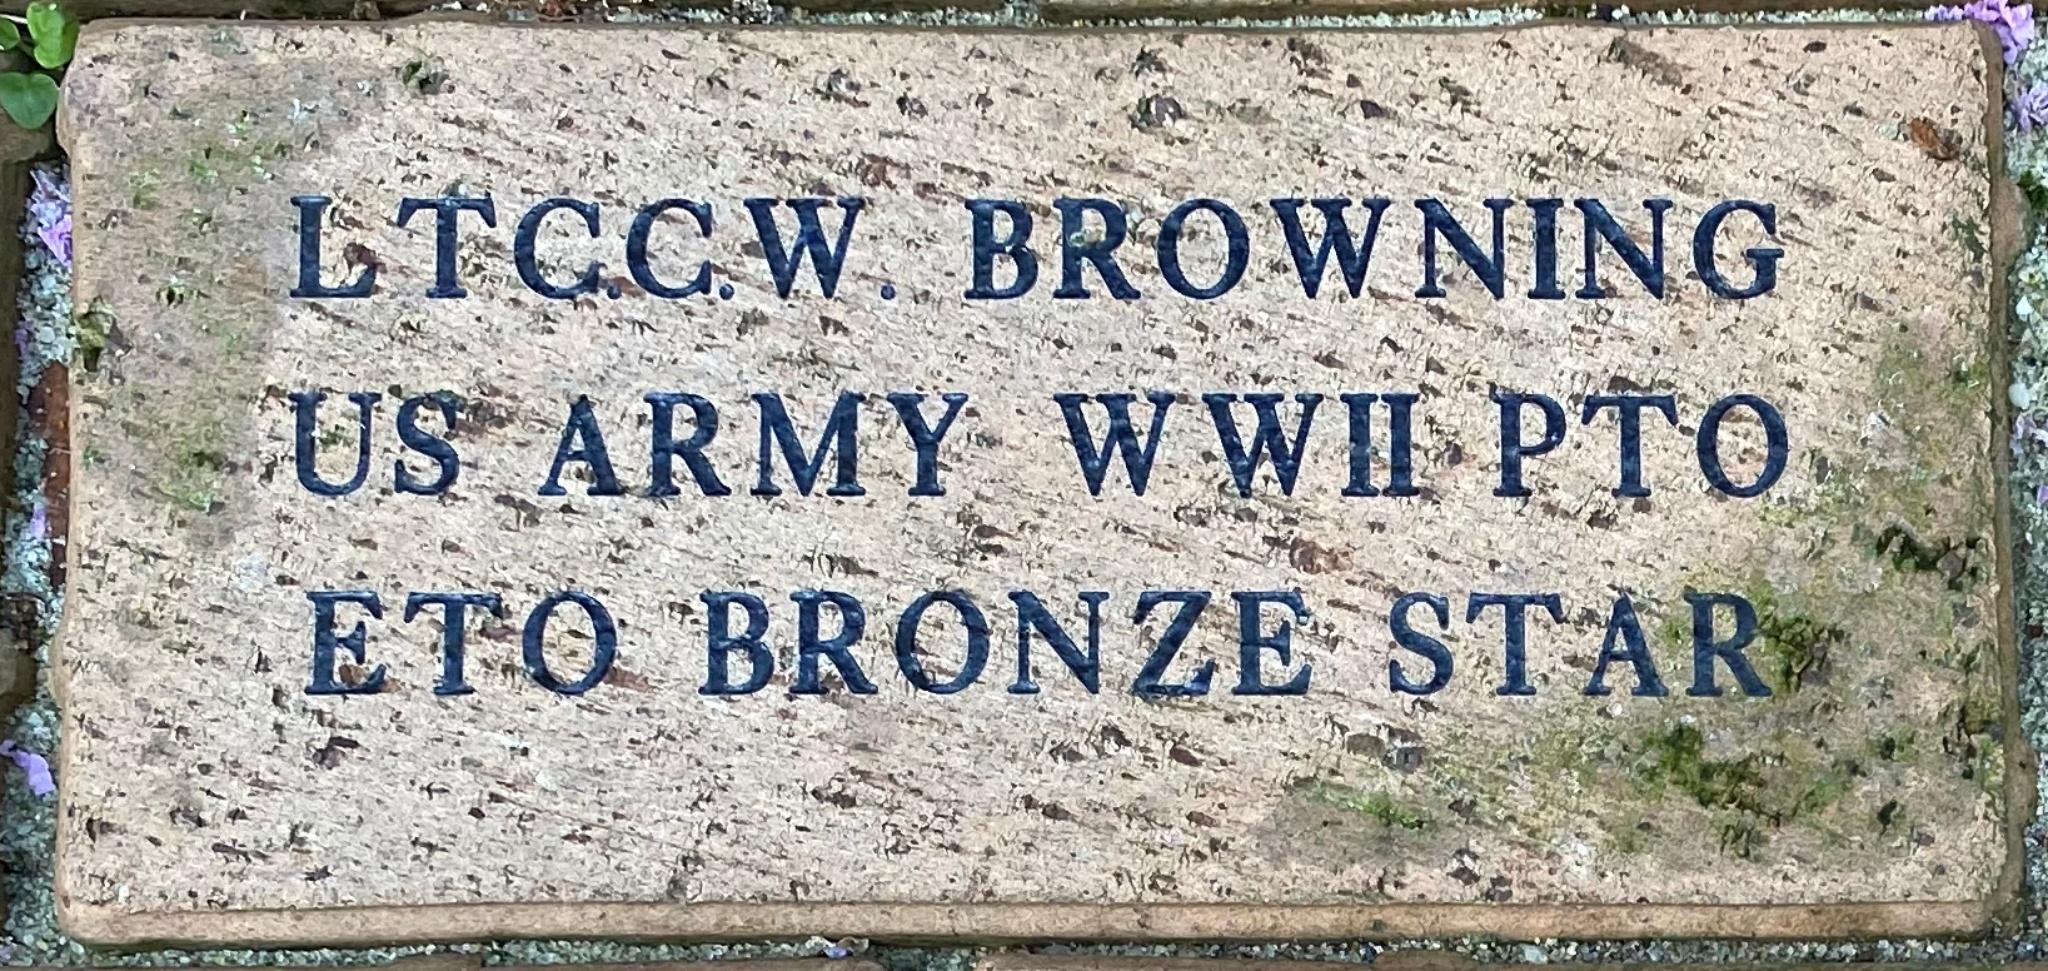 LTC.C.W. BROWNING US ARMY WWII PTO ETO BRONZE STAR